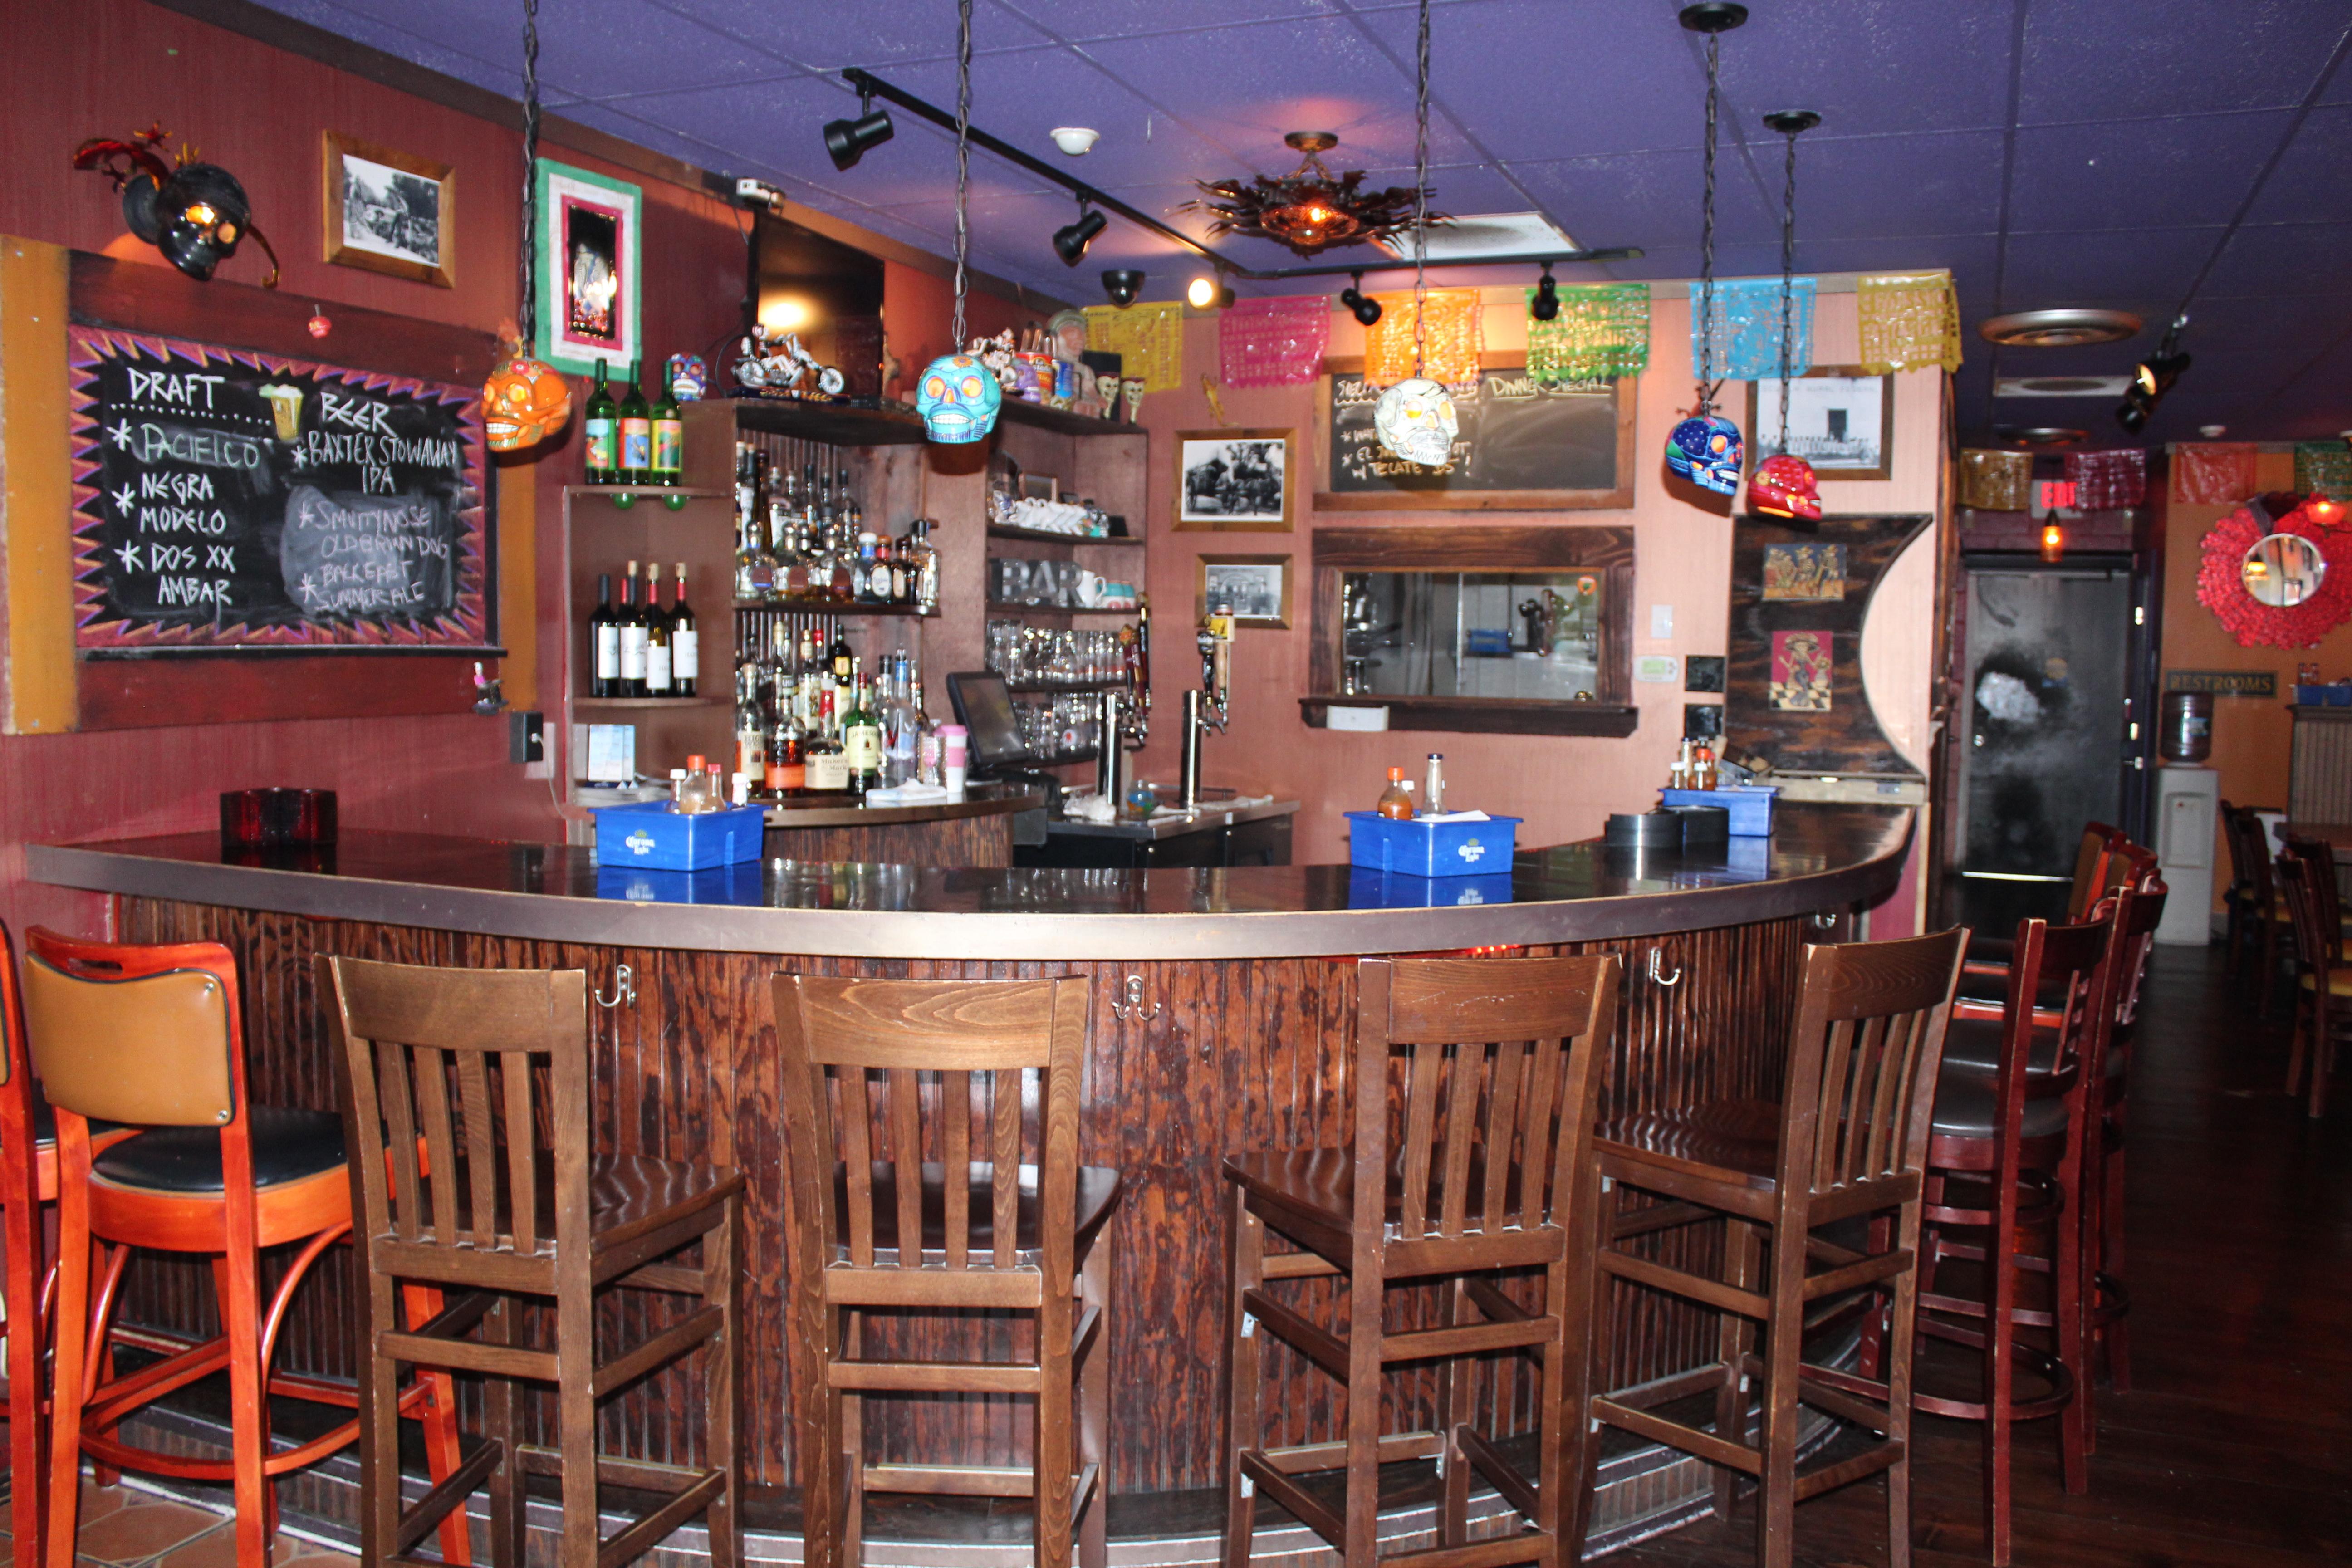 Bar at Mission Cantina